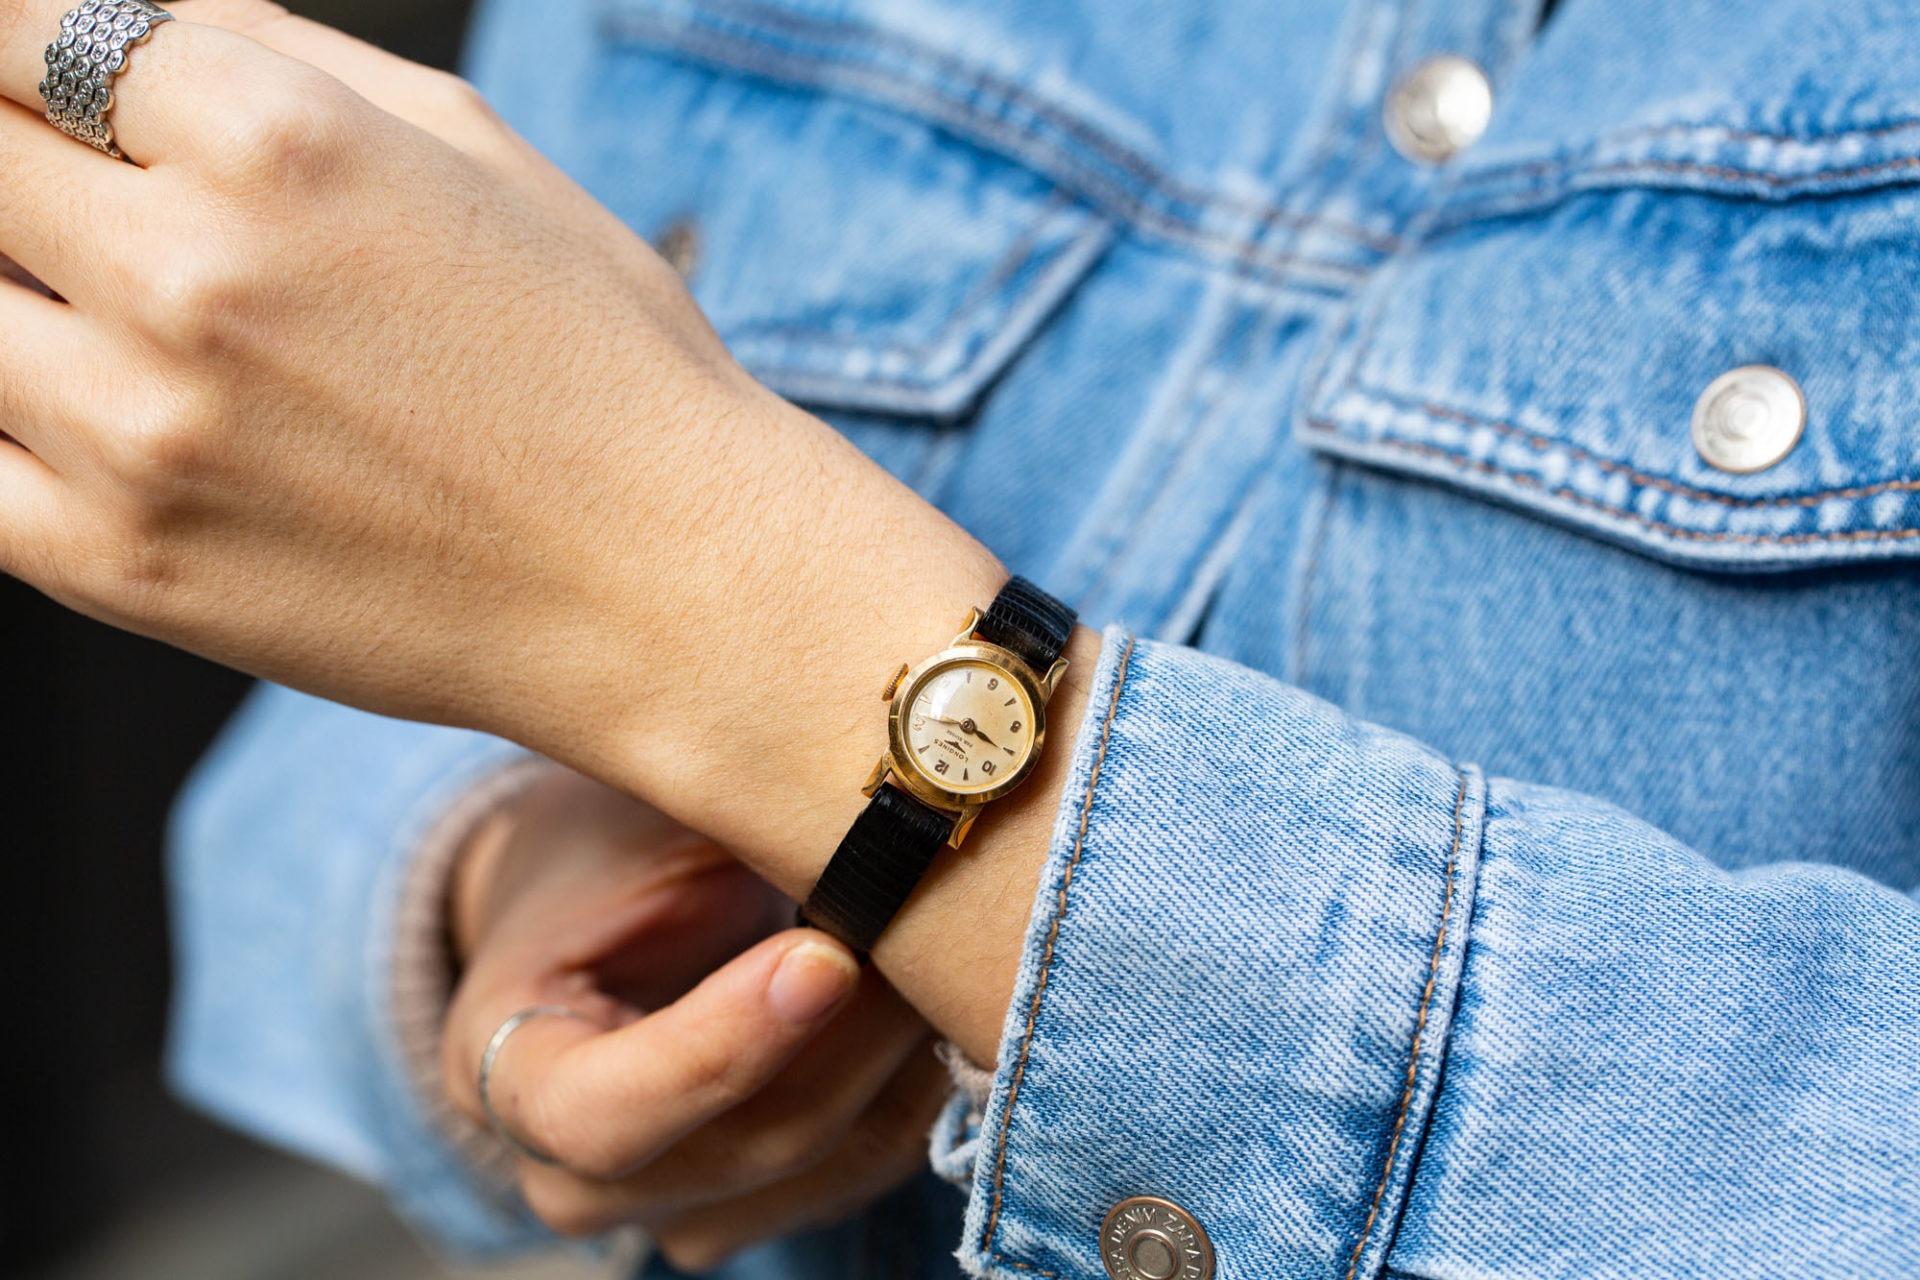 Longines dame en or - Sélection de montres vintage Joseph Bonnie